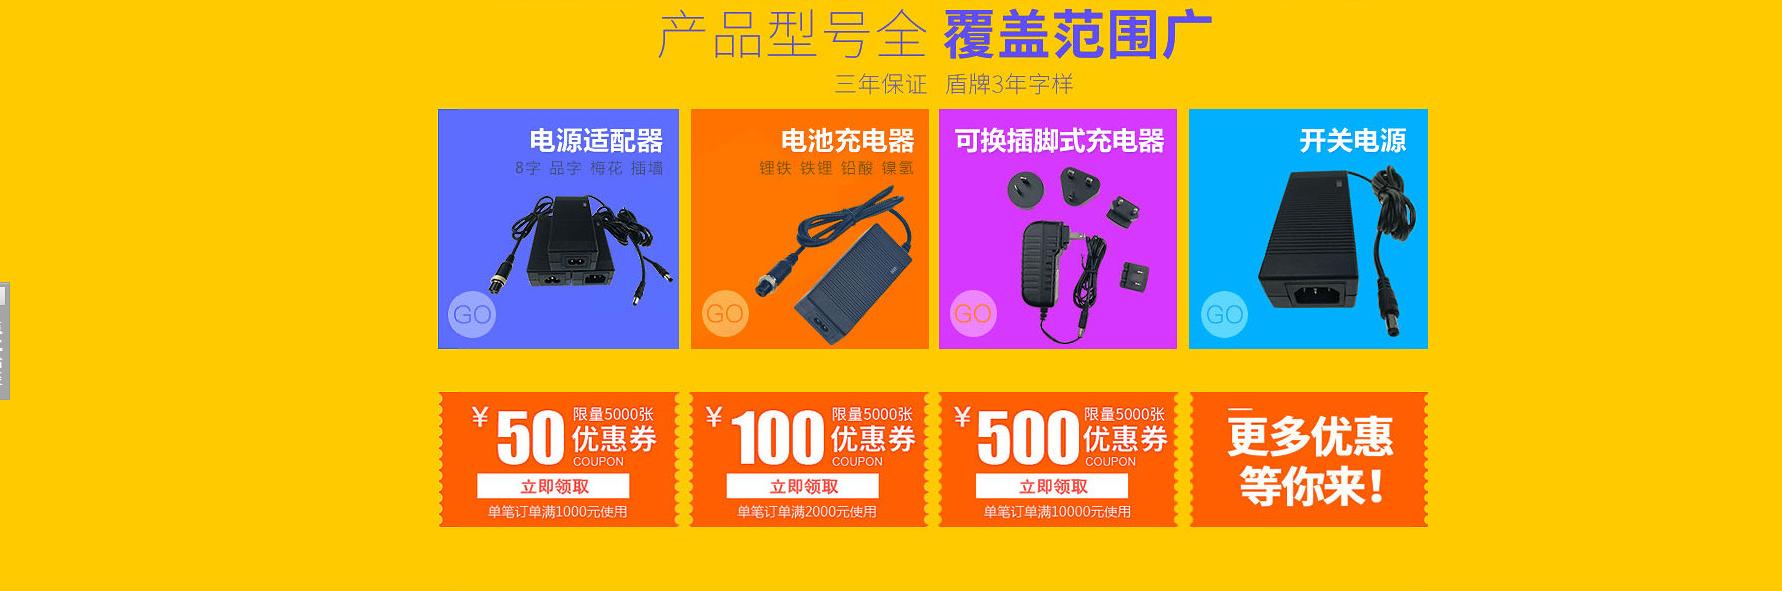 深圳市鑫粟国际电子有限公司